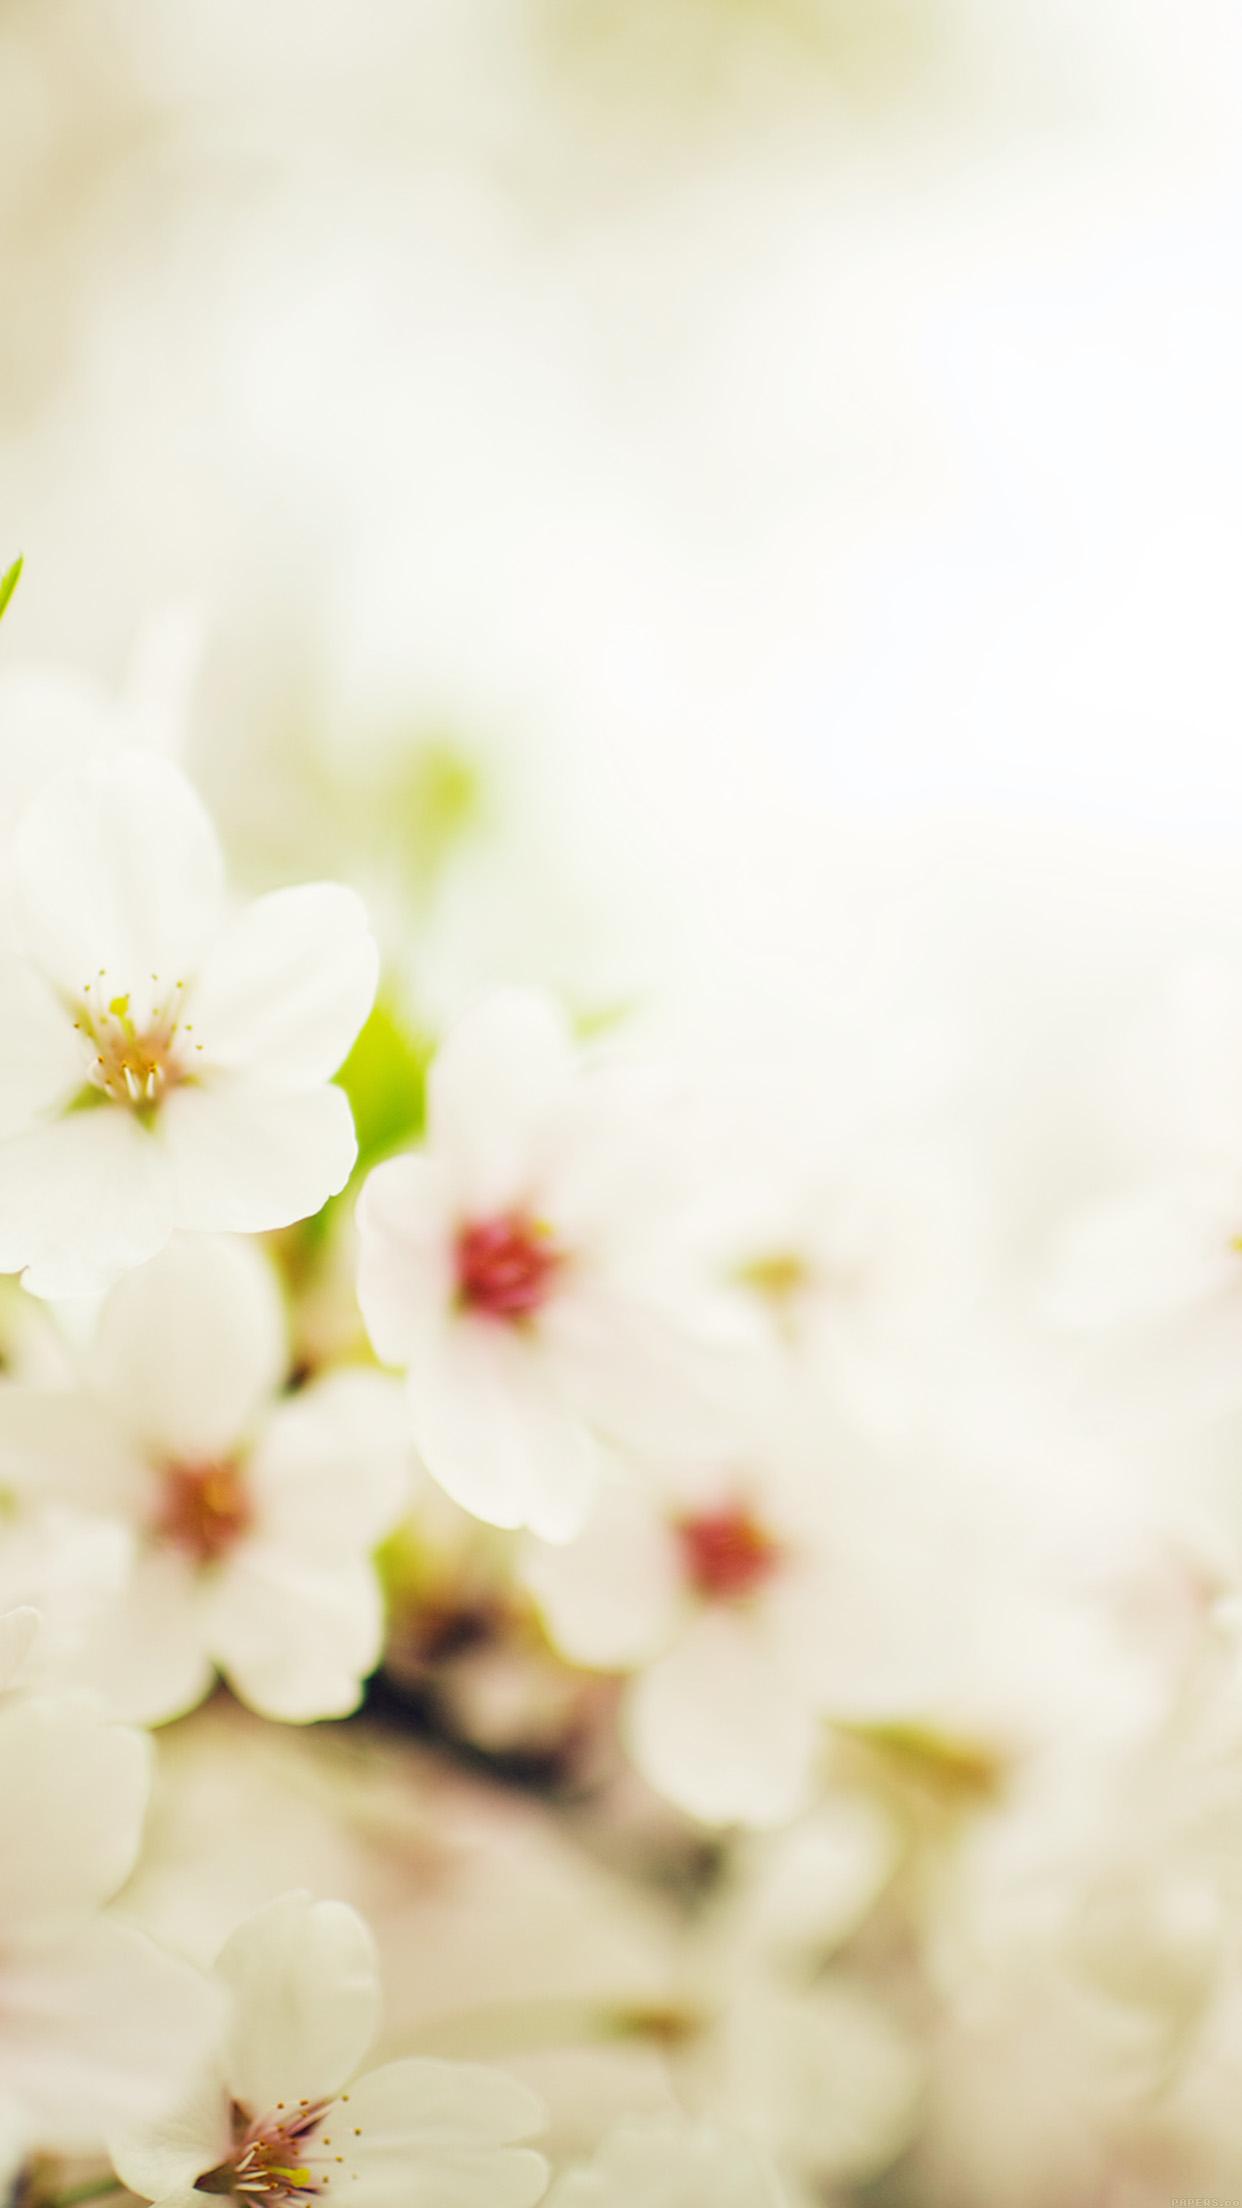 白いかわいい花 Iphone6 Plus壁紙 Wallpaperbox